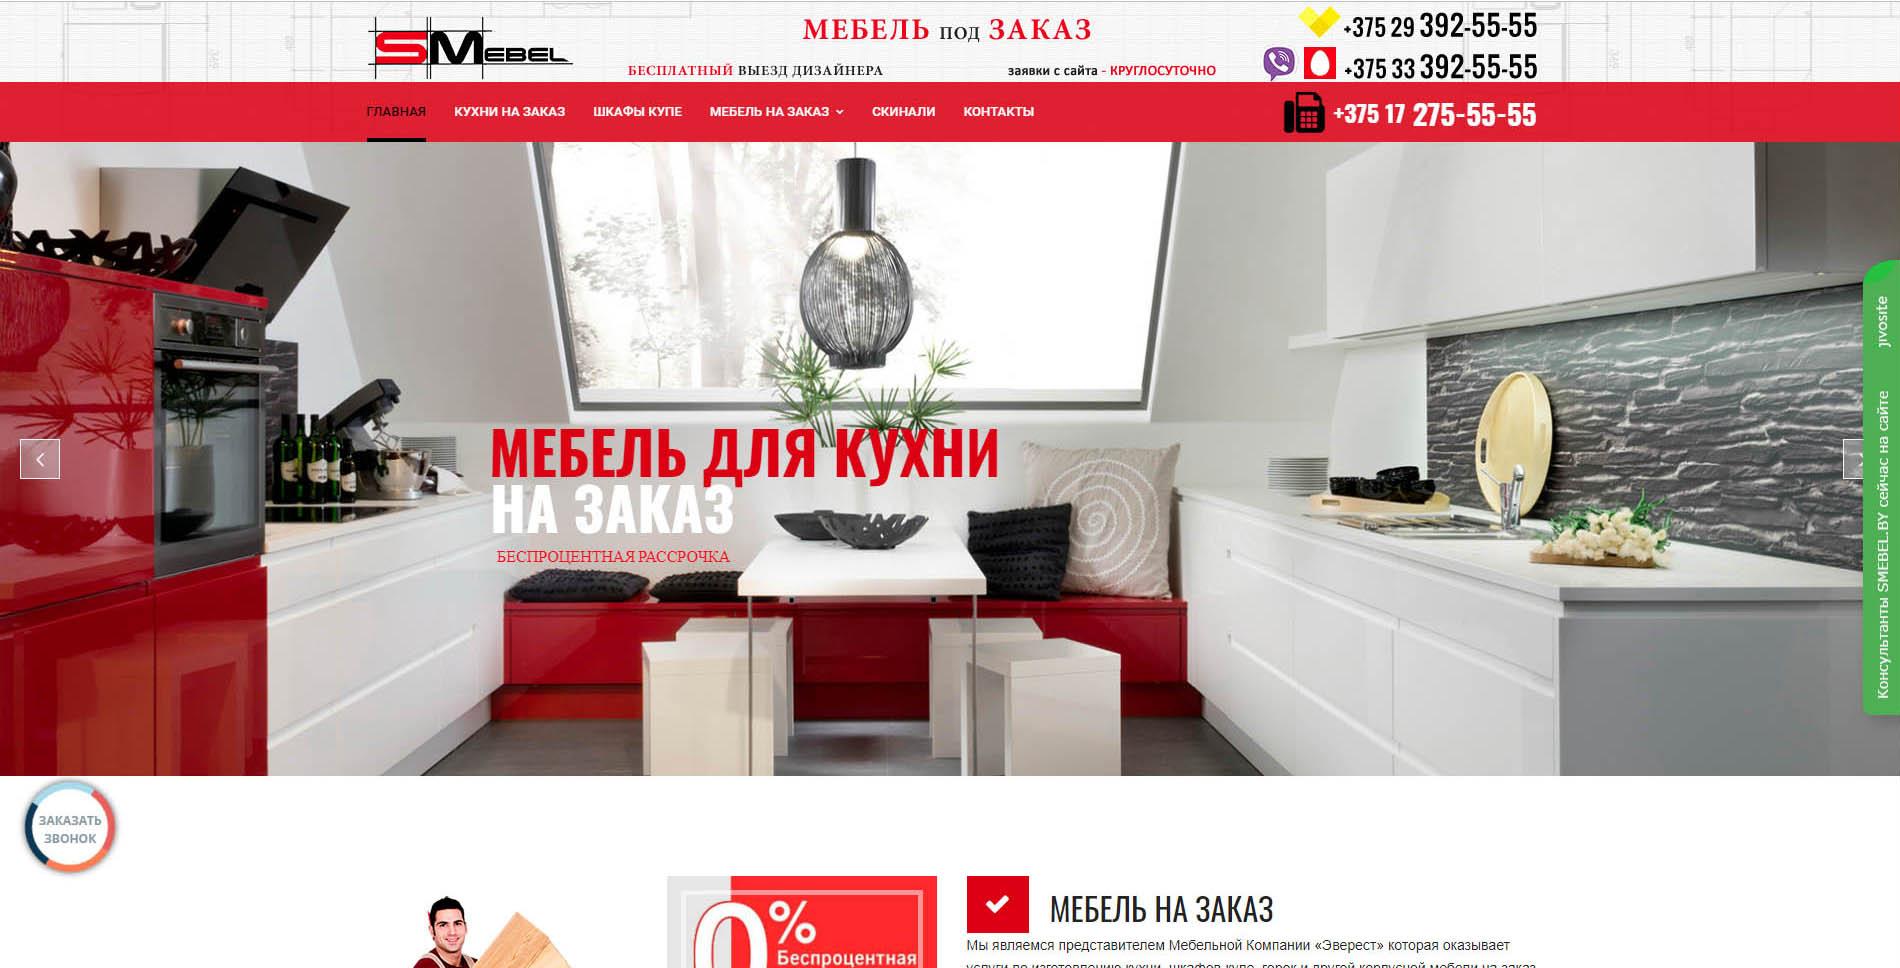 http://razrabotka-sajtov.by/wp-content/uploads/2020/04/smebel.jpg